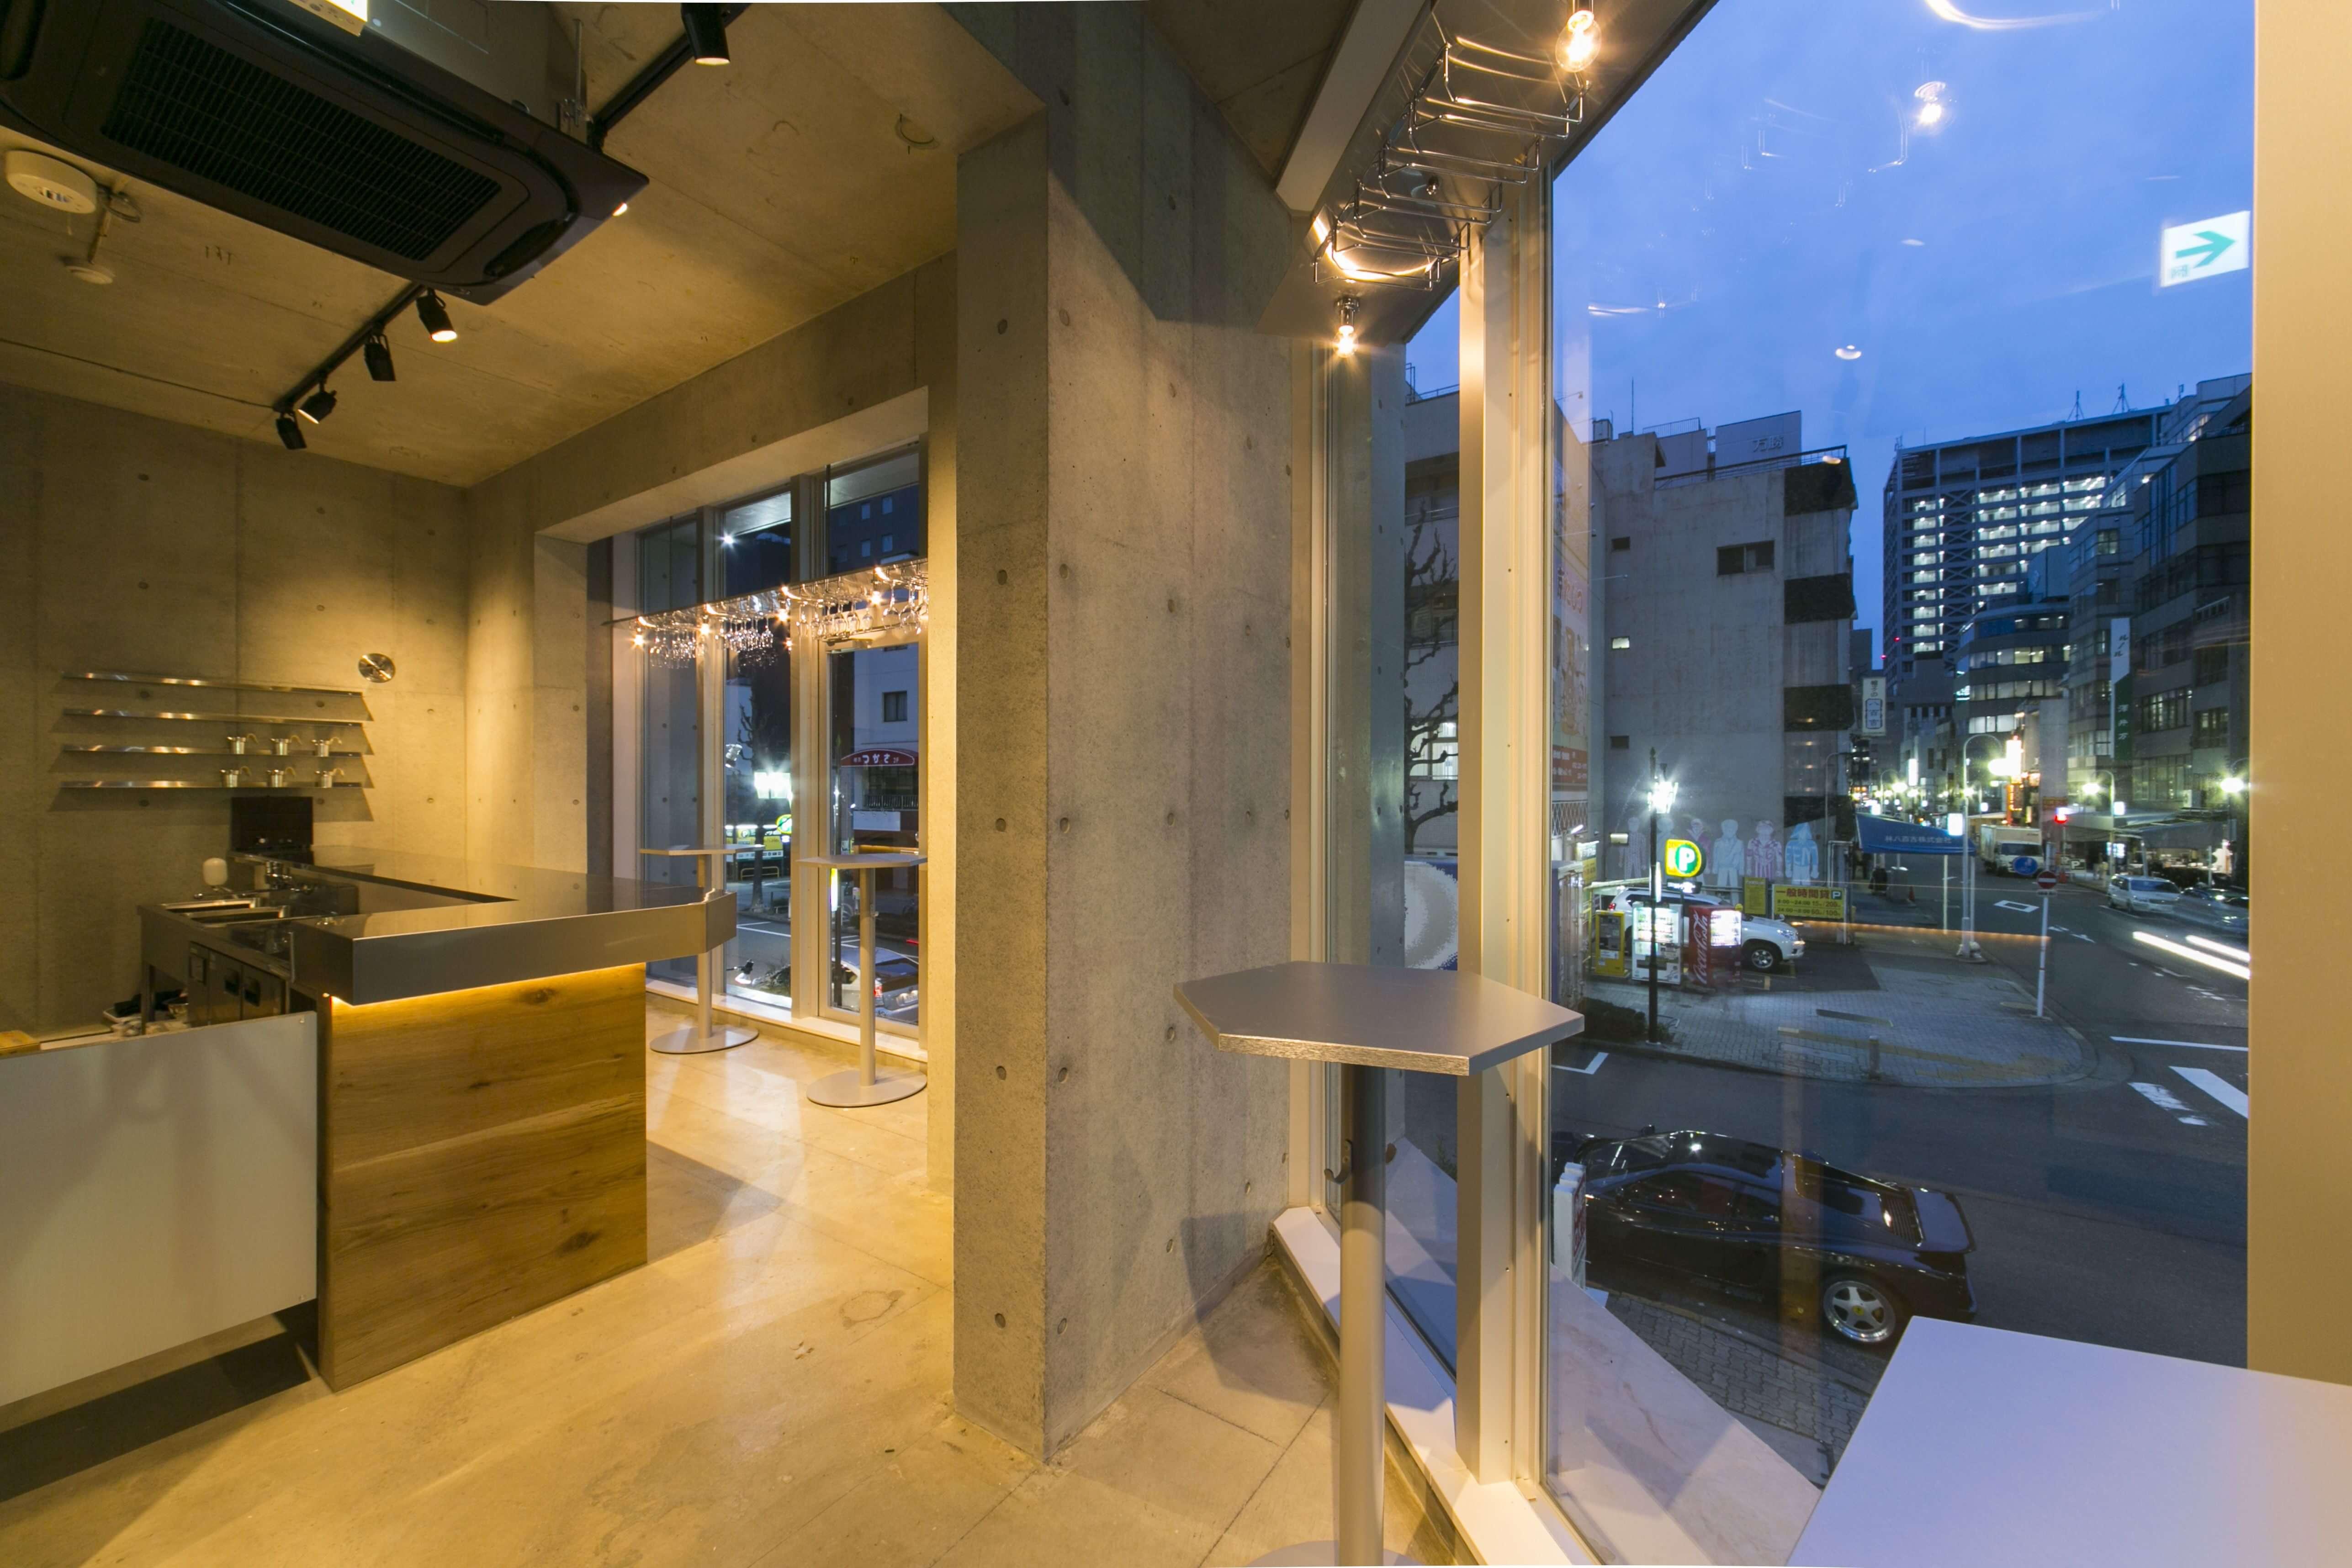 立ち飲みスタイルの日本酒バー「純米酒専門YATA」中部国際空港にオープン3